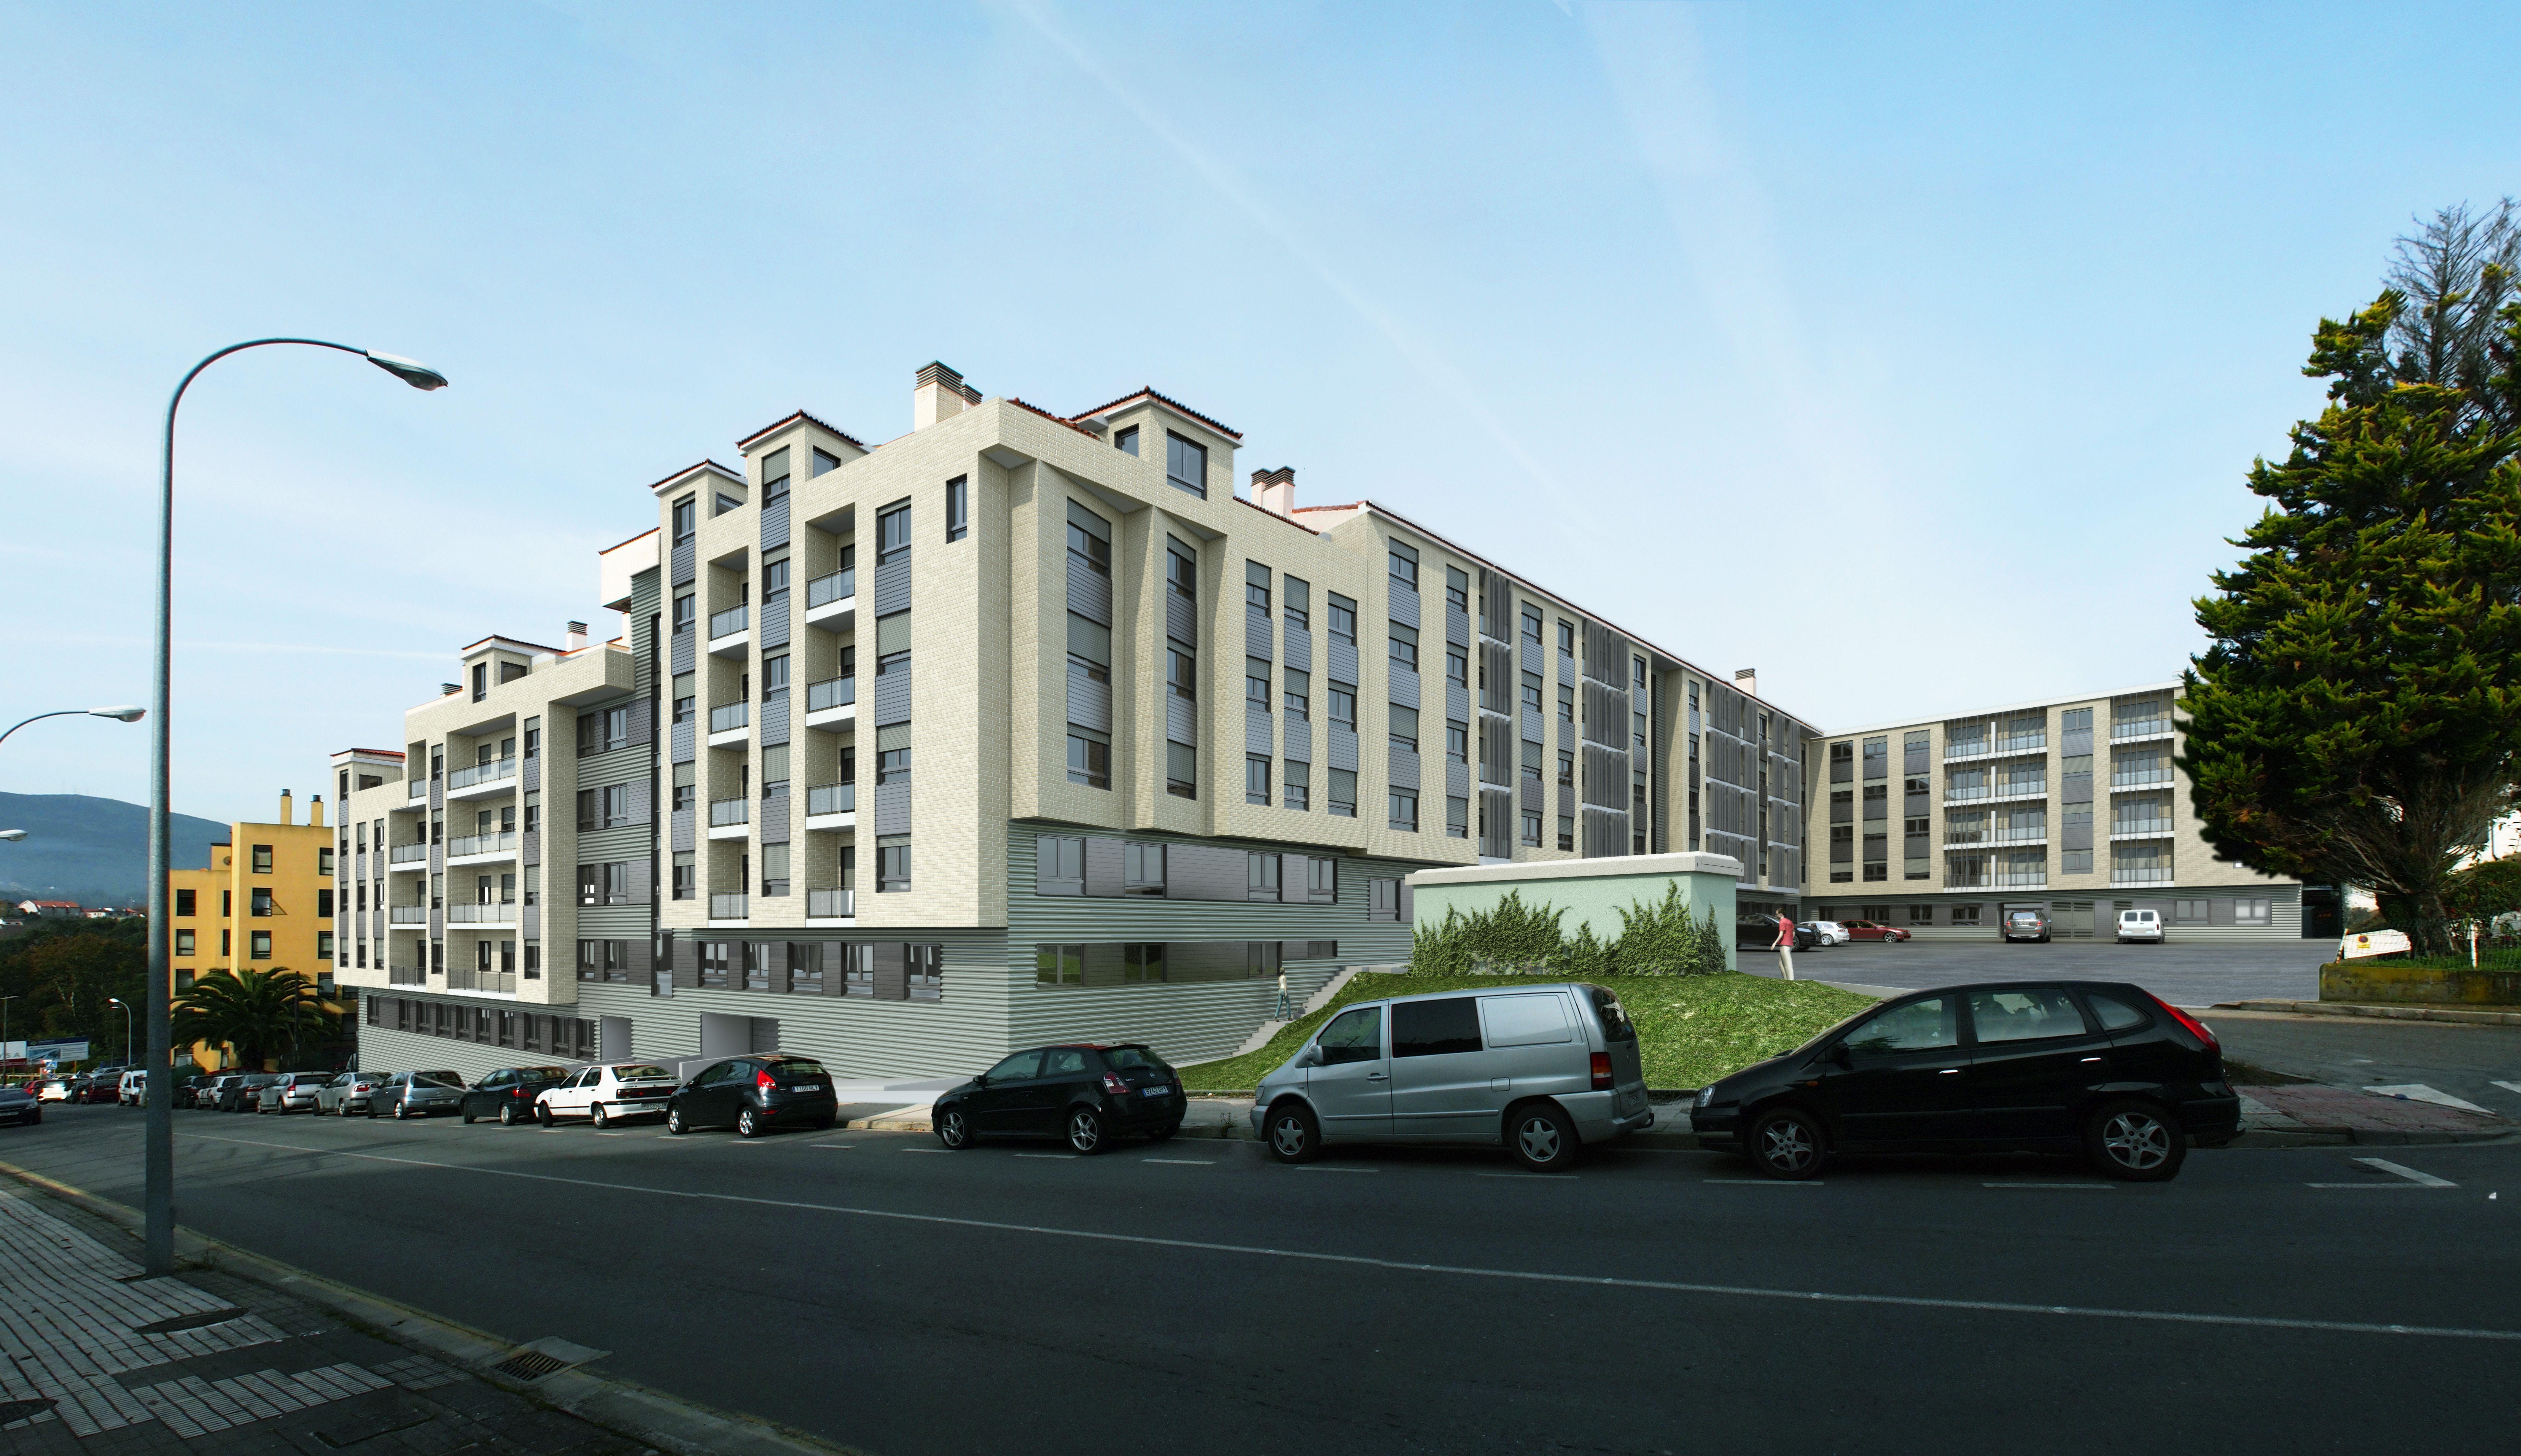 Recreación virtual de la promoción de #viviendas Playa Lérez en Pontevedra.  ¿Te gustaría conocer todos los detalles de las #viviendas? Sólo tienes que clicar sobre la imagen. En YouTube también puedes ver un vídeo, búscalo en Anida Vivienda.